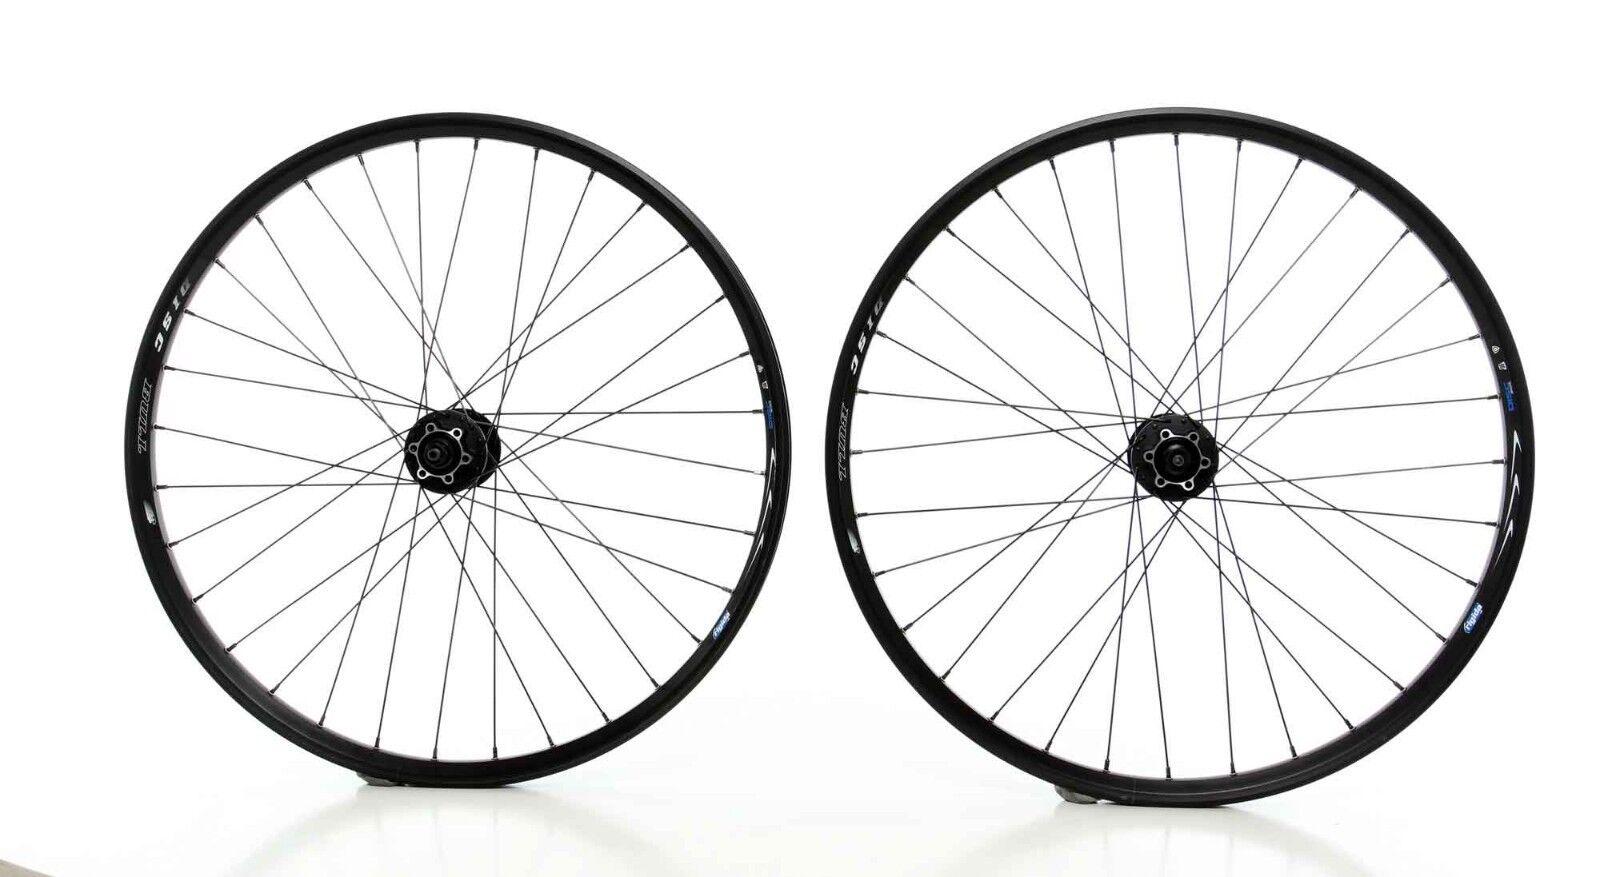 26  Laufradsatz Ryde Big Bull Disc black Shimano Deore 525 black A190019